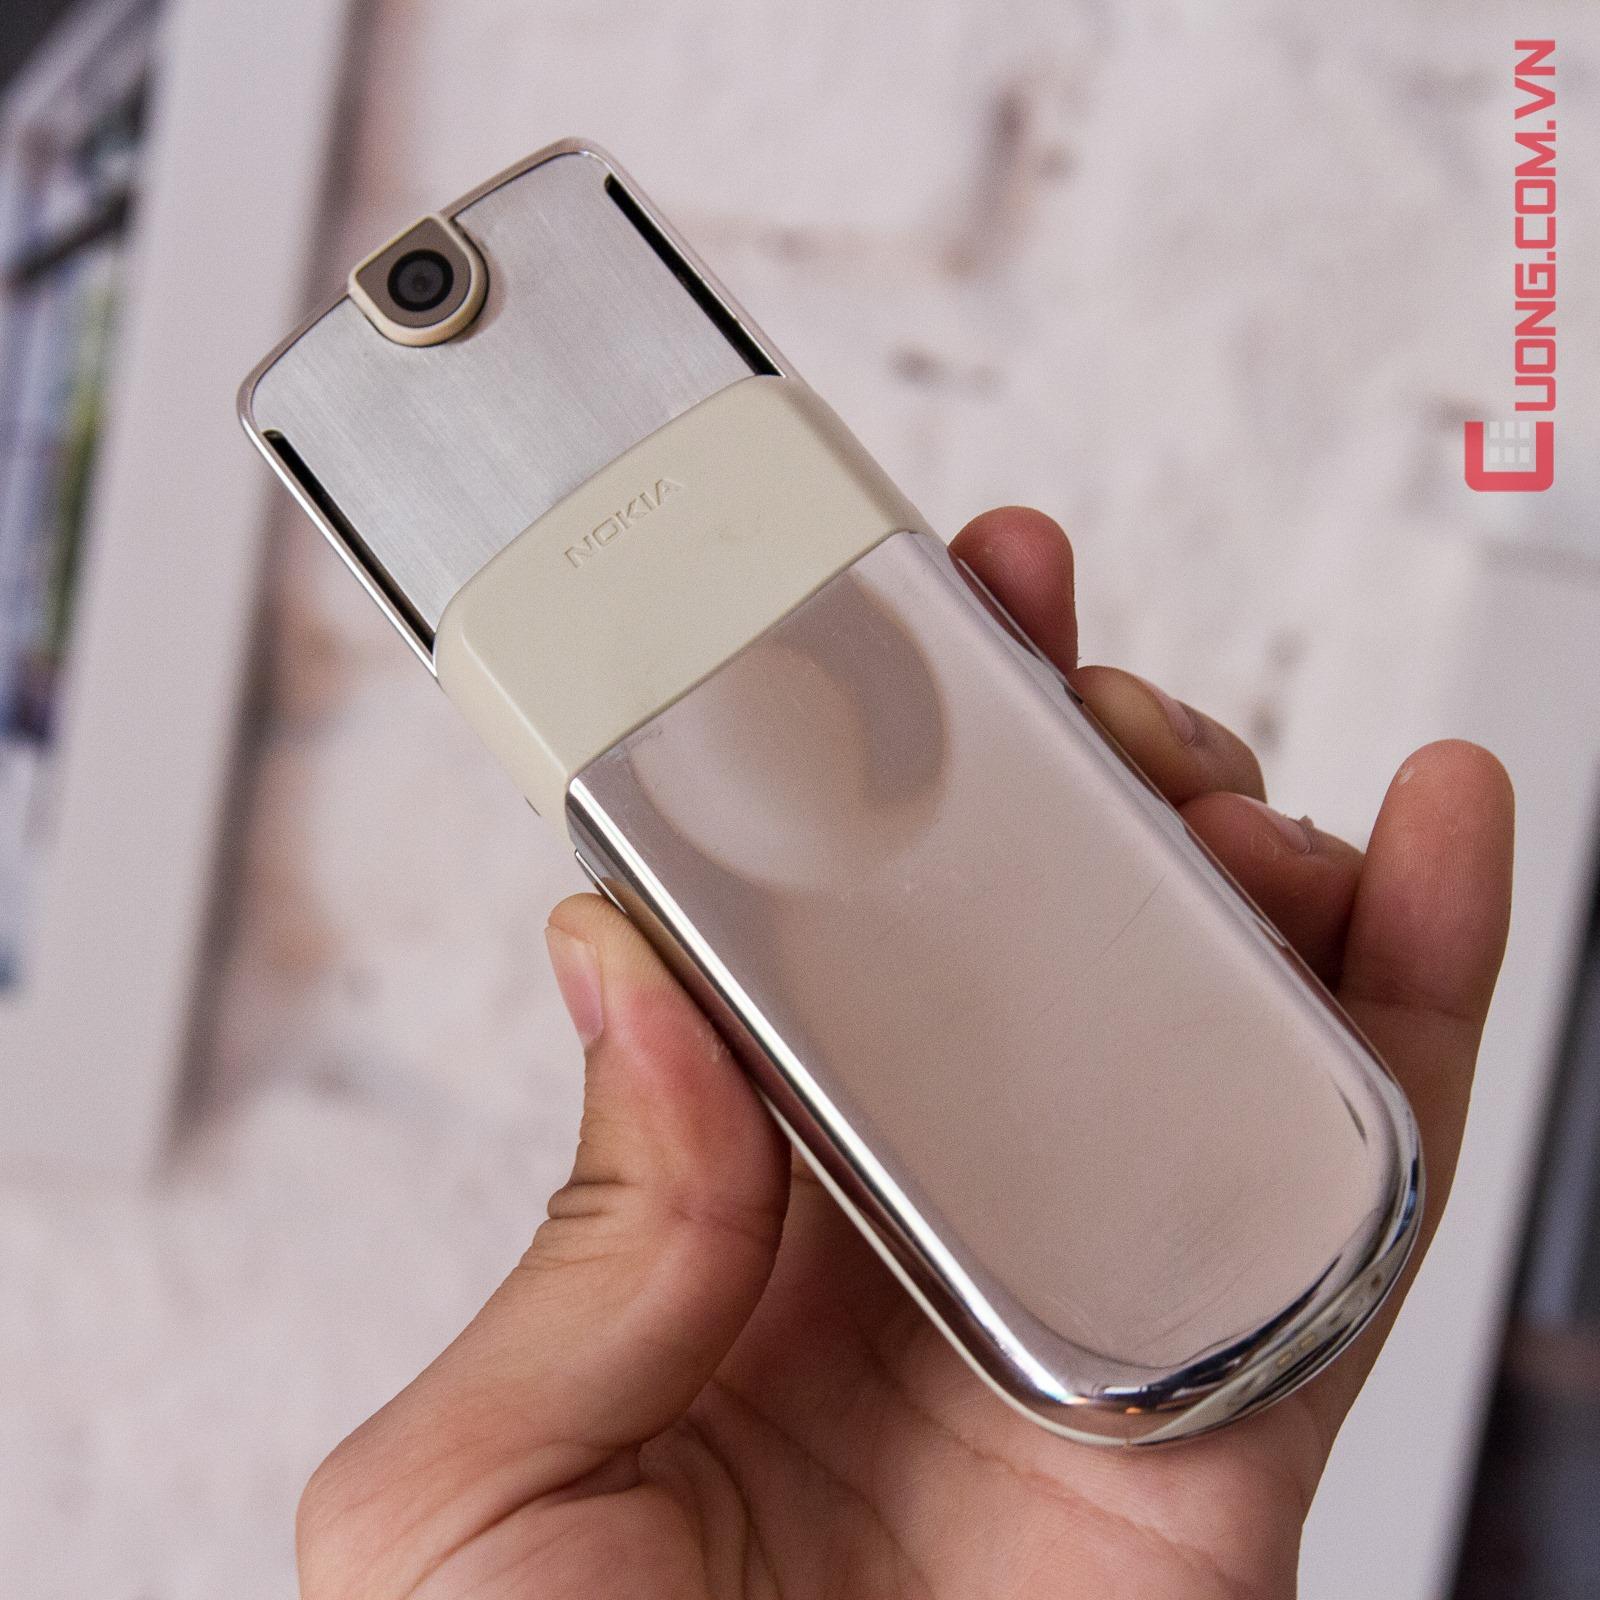 Nokia 8800 Sirocco Light như chiếc gương thu hút mọi ánh nhìn